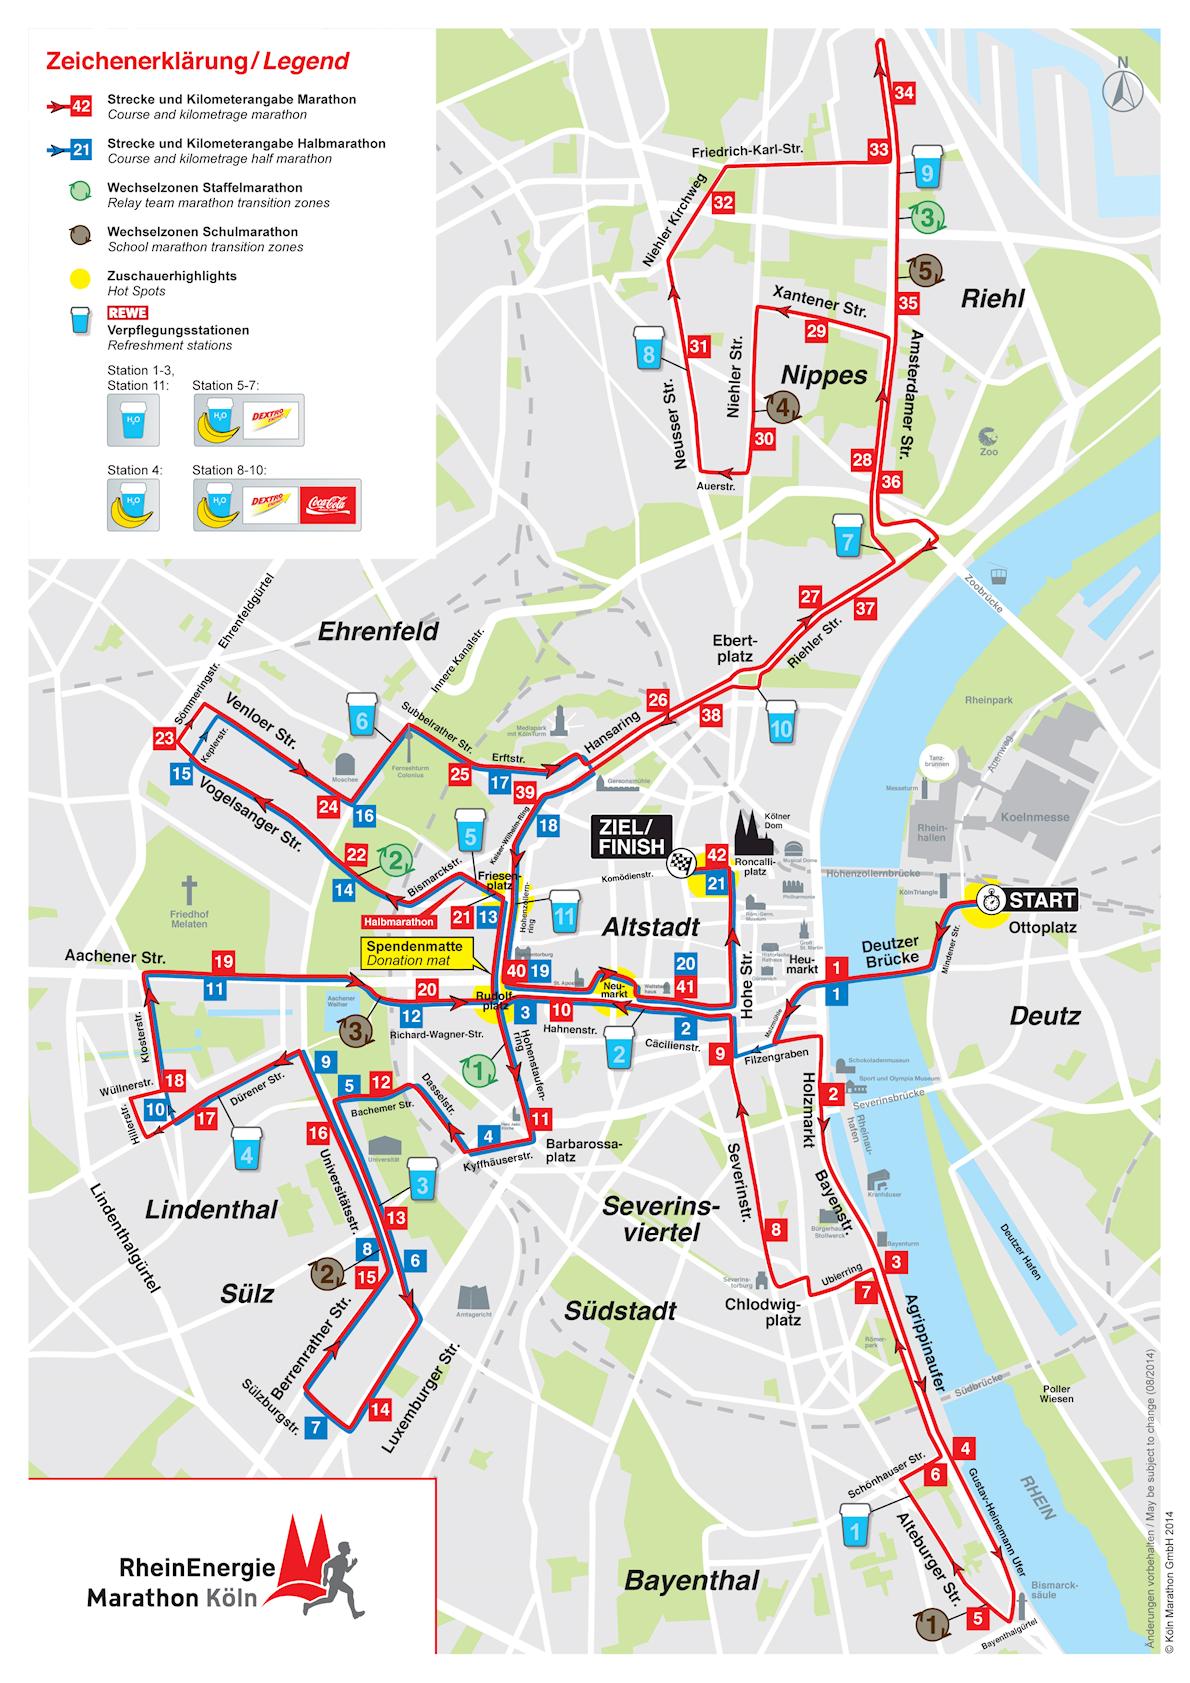 RheinEnergie Marathon Cologne 路线图